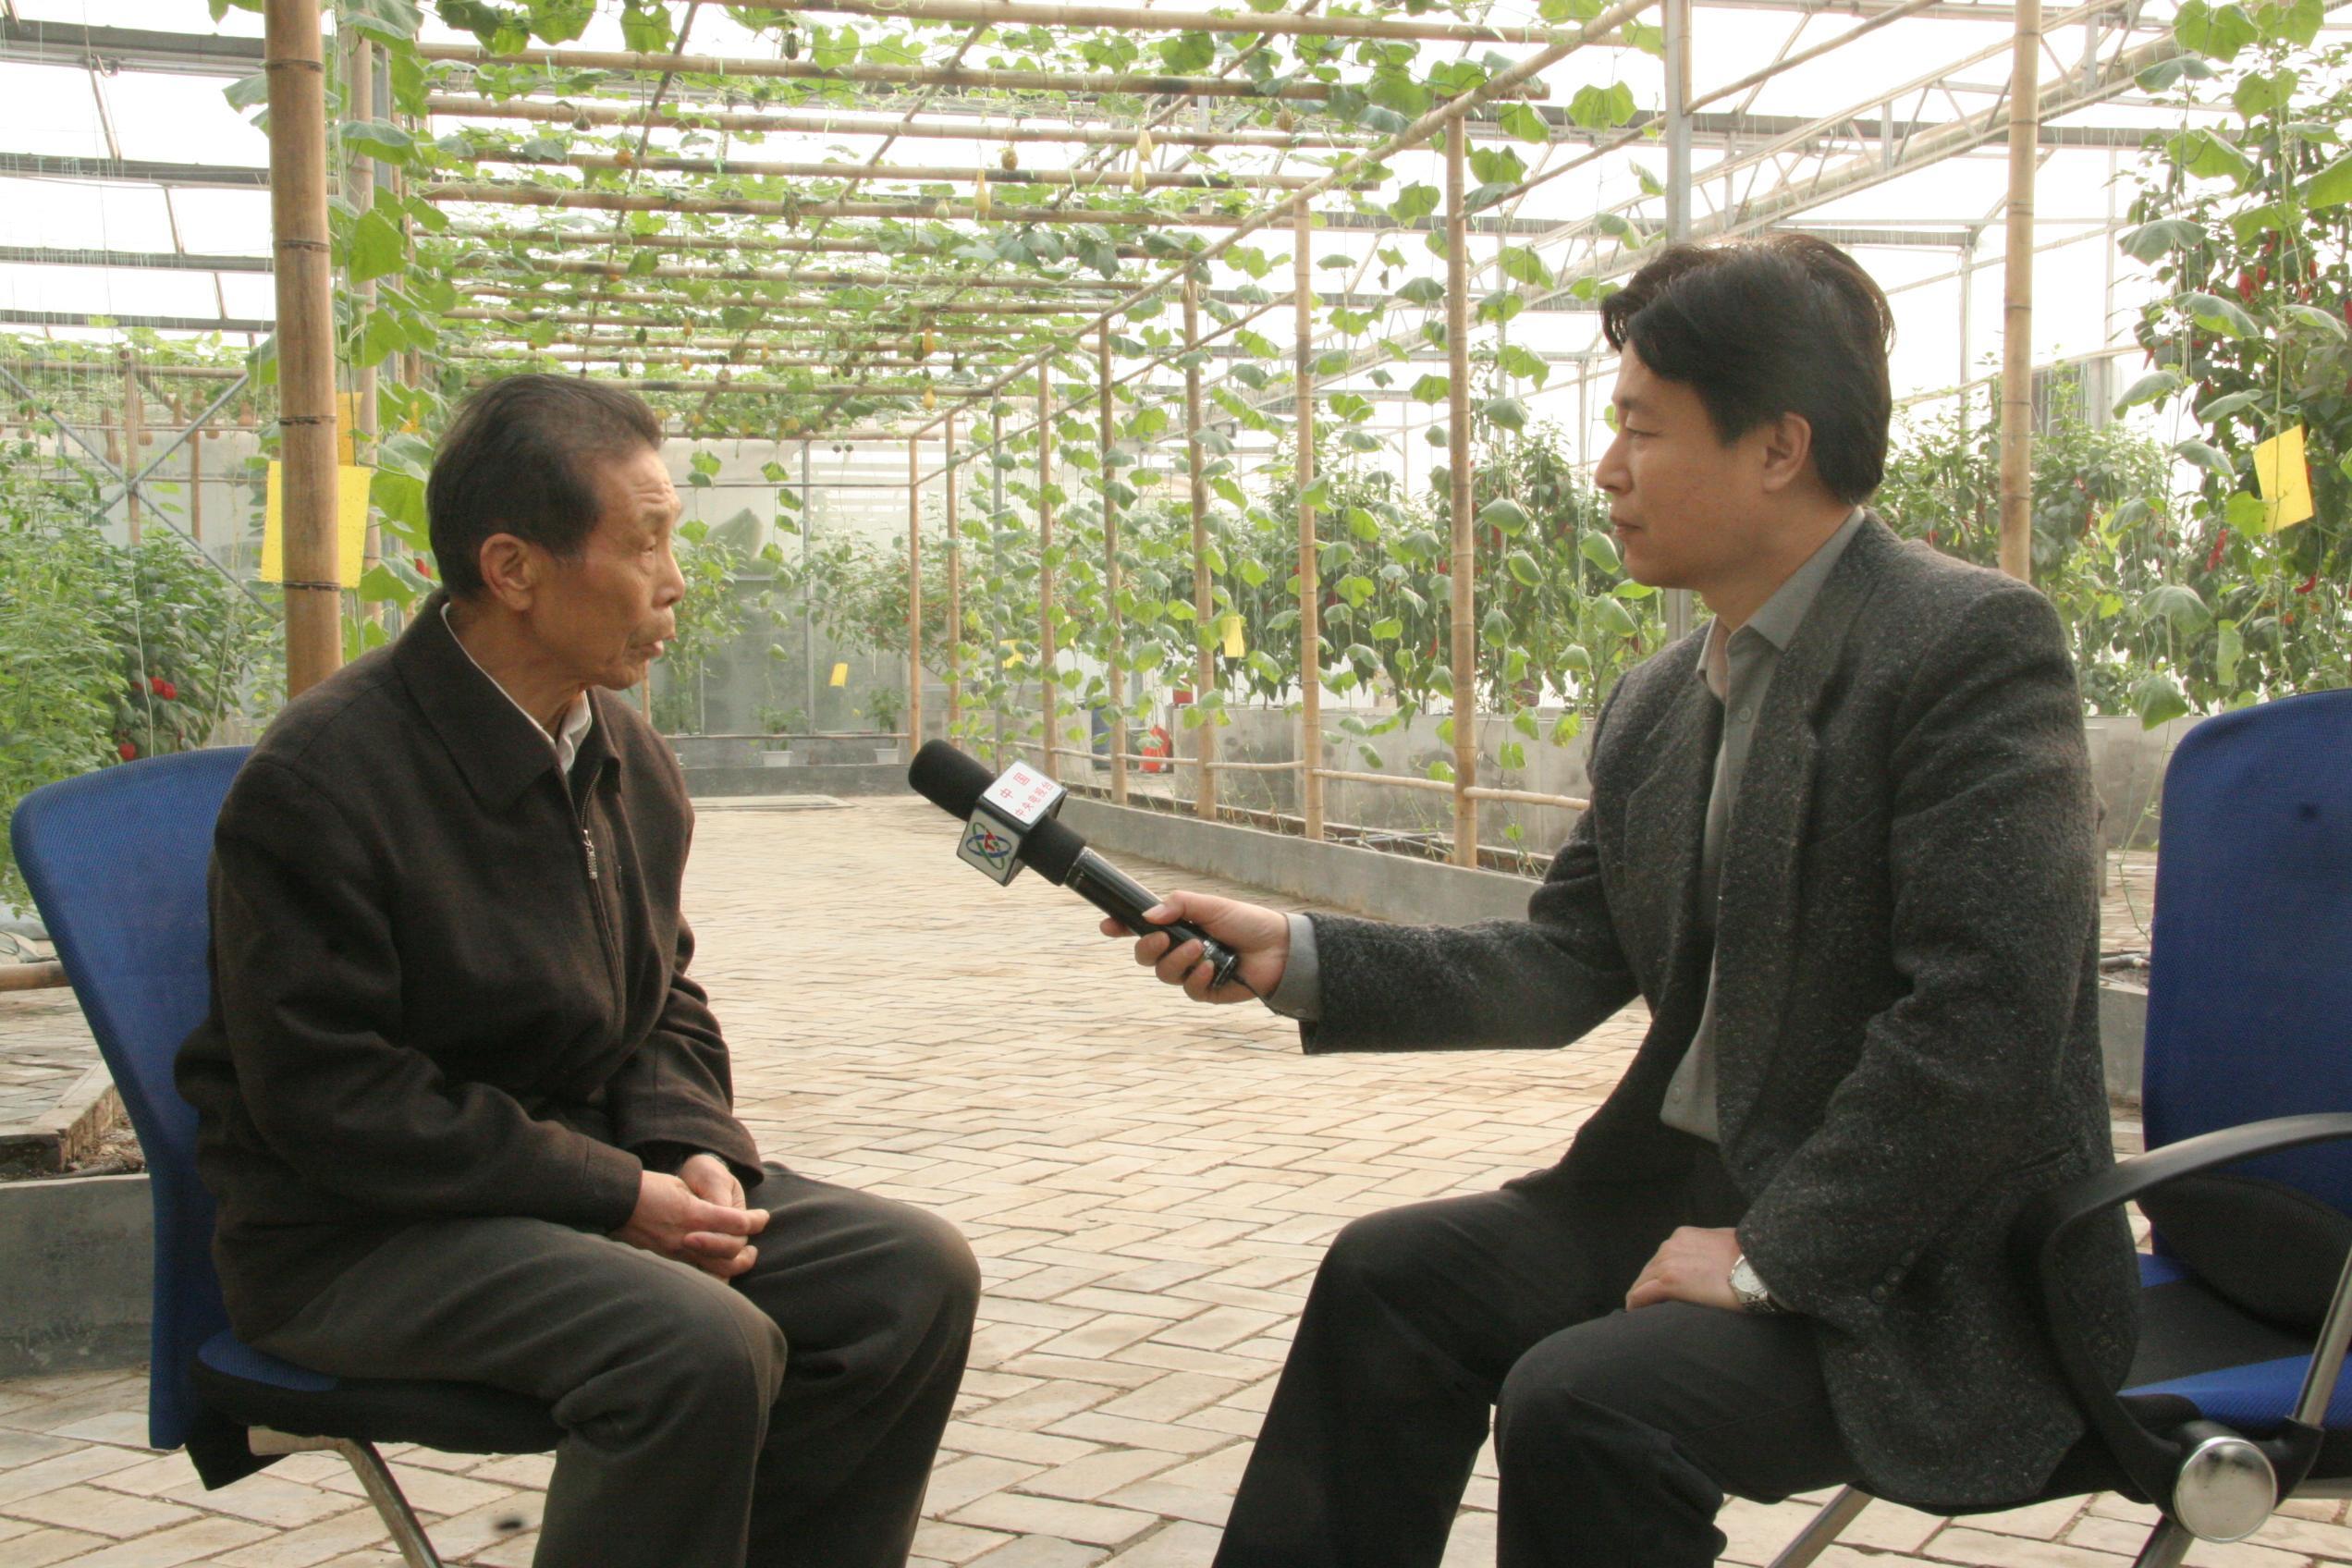 王伯祥/中央电视台焦点访谈记者专访王伯祥书记(张托雅摄)